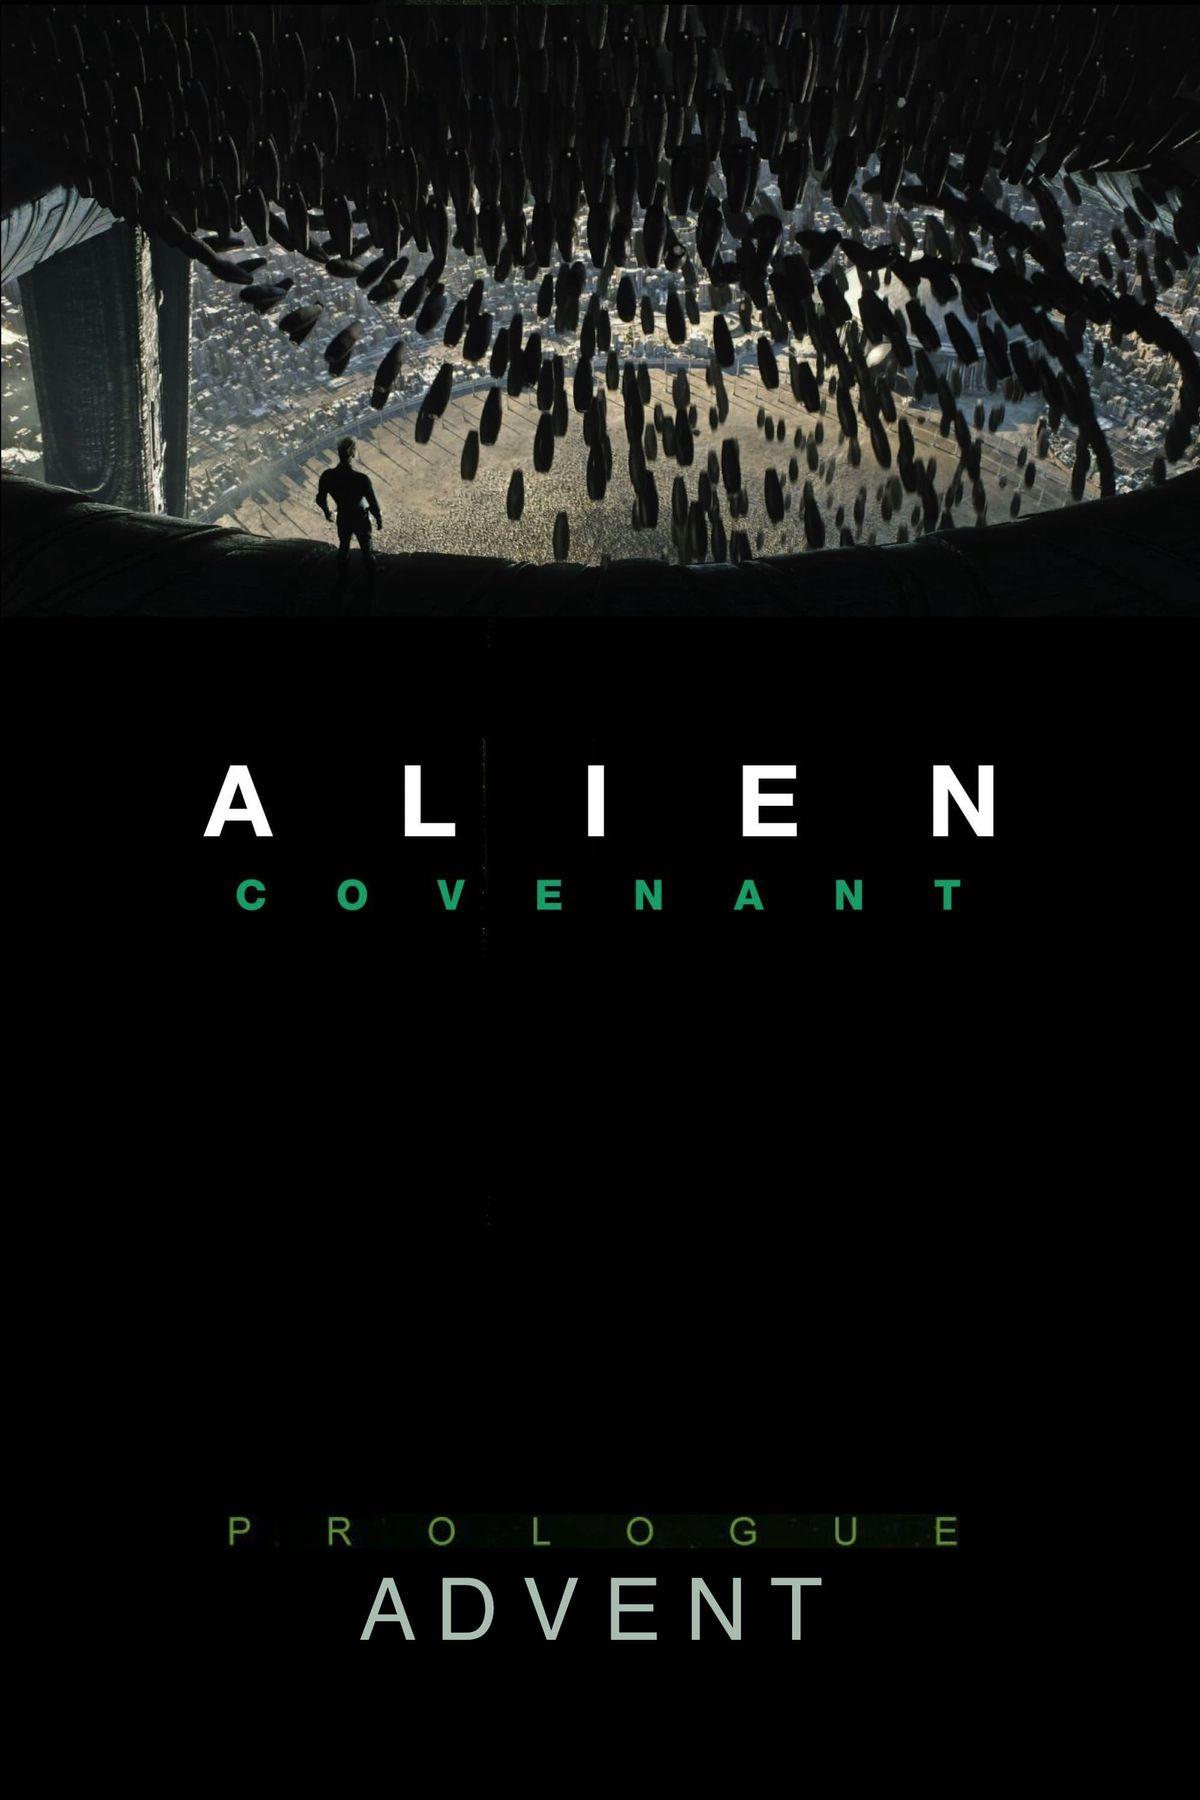 Alien: Covenant - Prologue: Advent